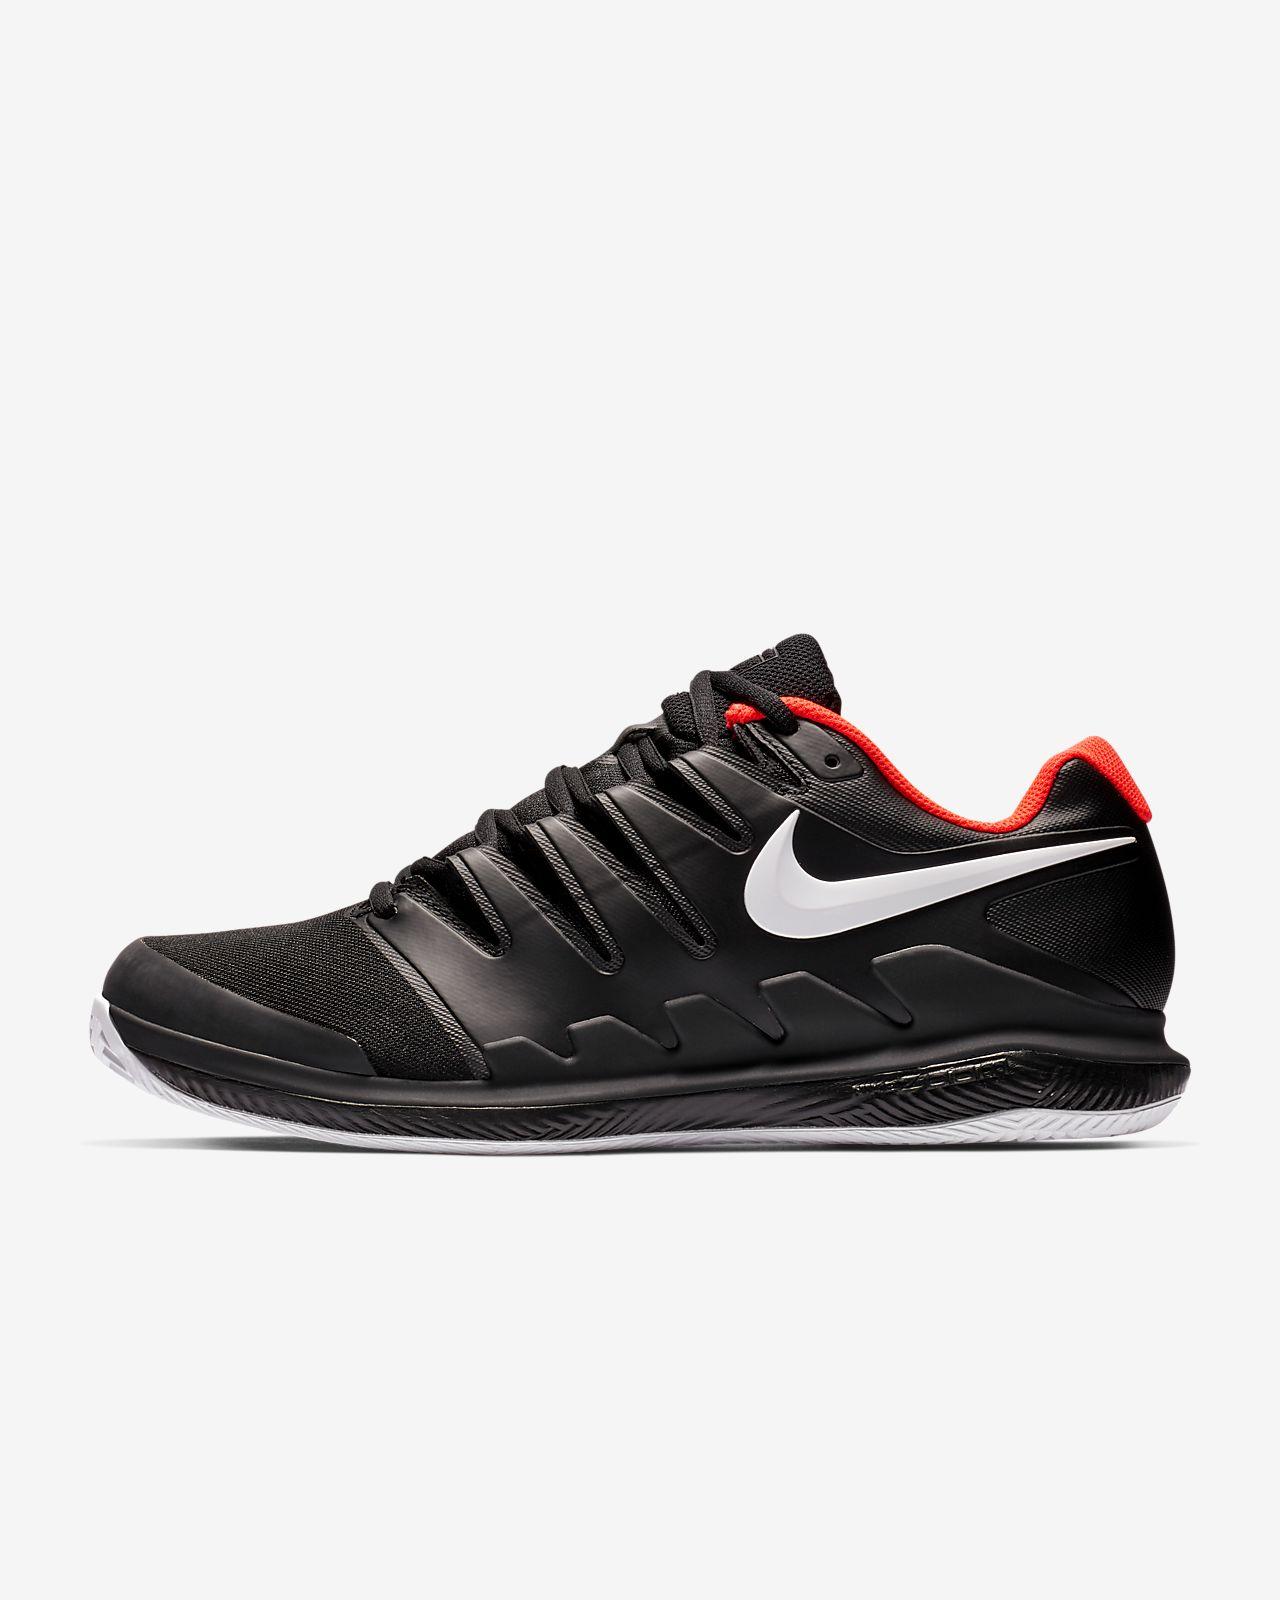 01383337799 Sapatilhas de ténis Nike Air Zoom Vapor X Clay para homem. Nike.com PT